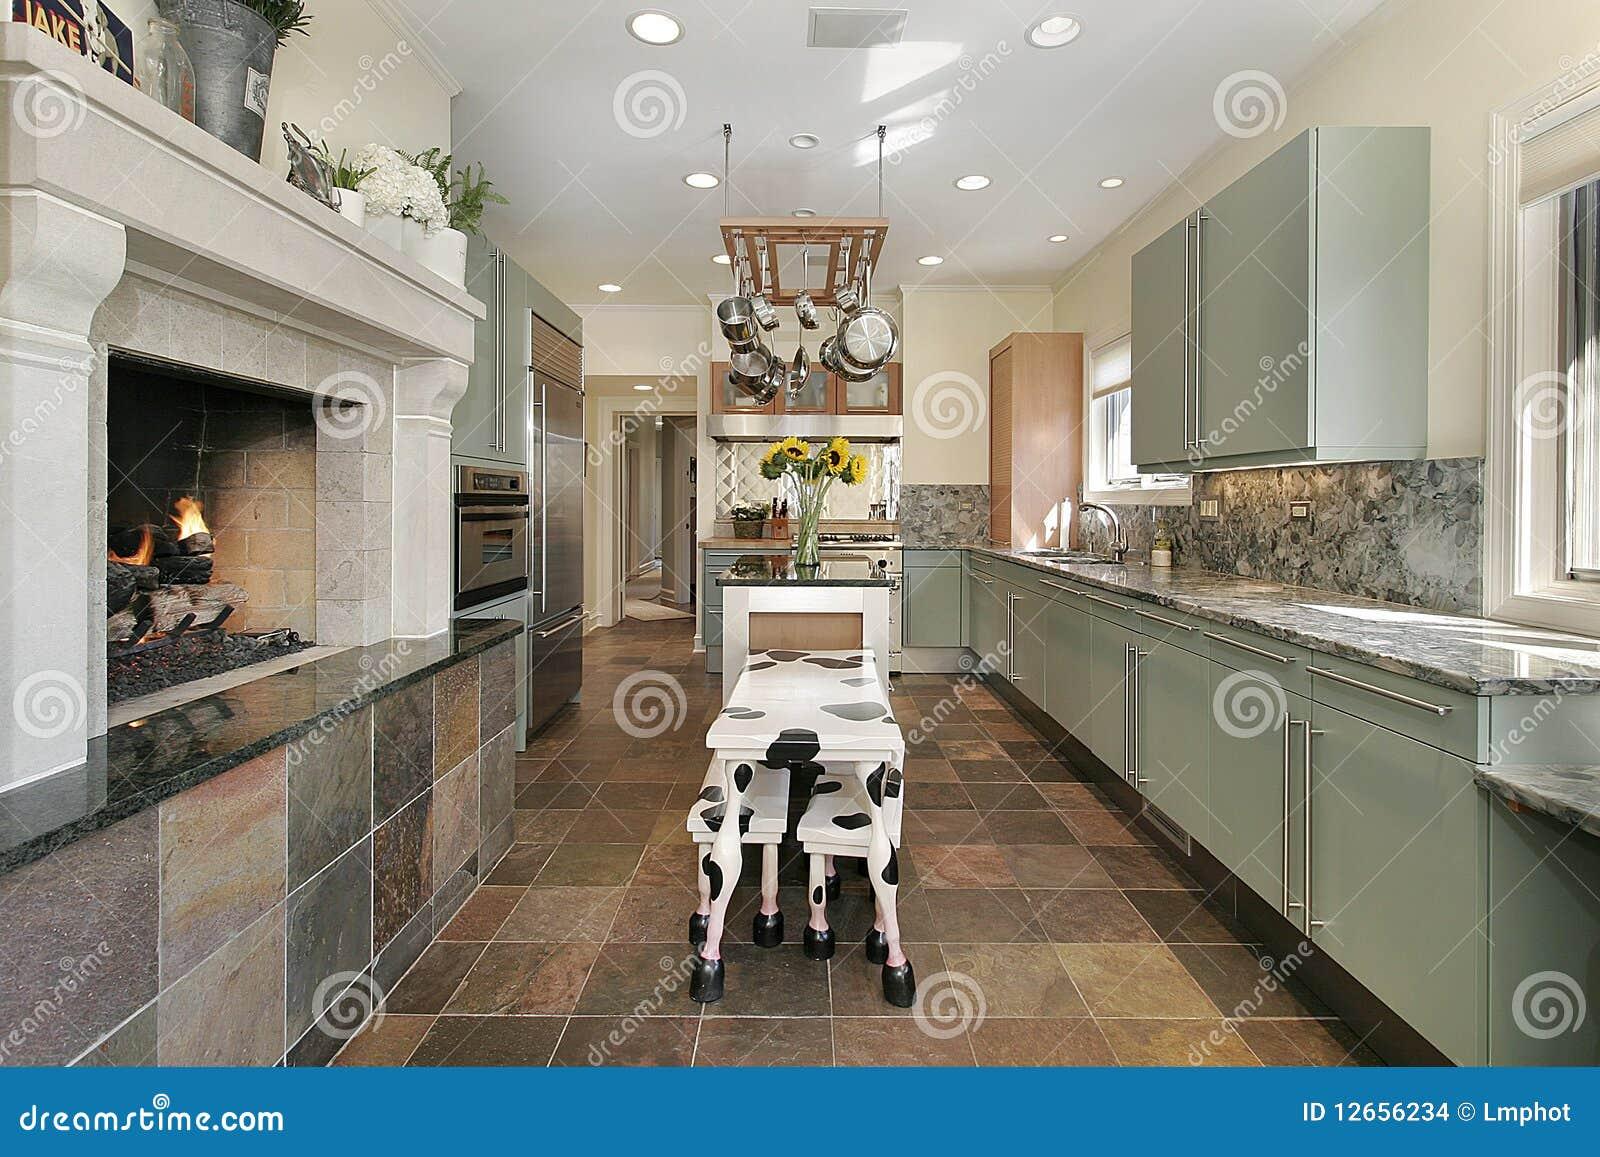 Caminetti In Cucina Moderna : Kitche moderno con il camino di pietra fotografia stock immagine